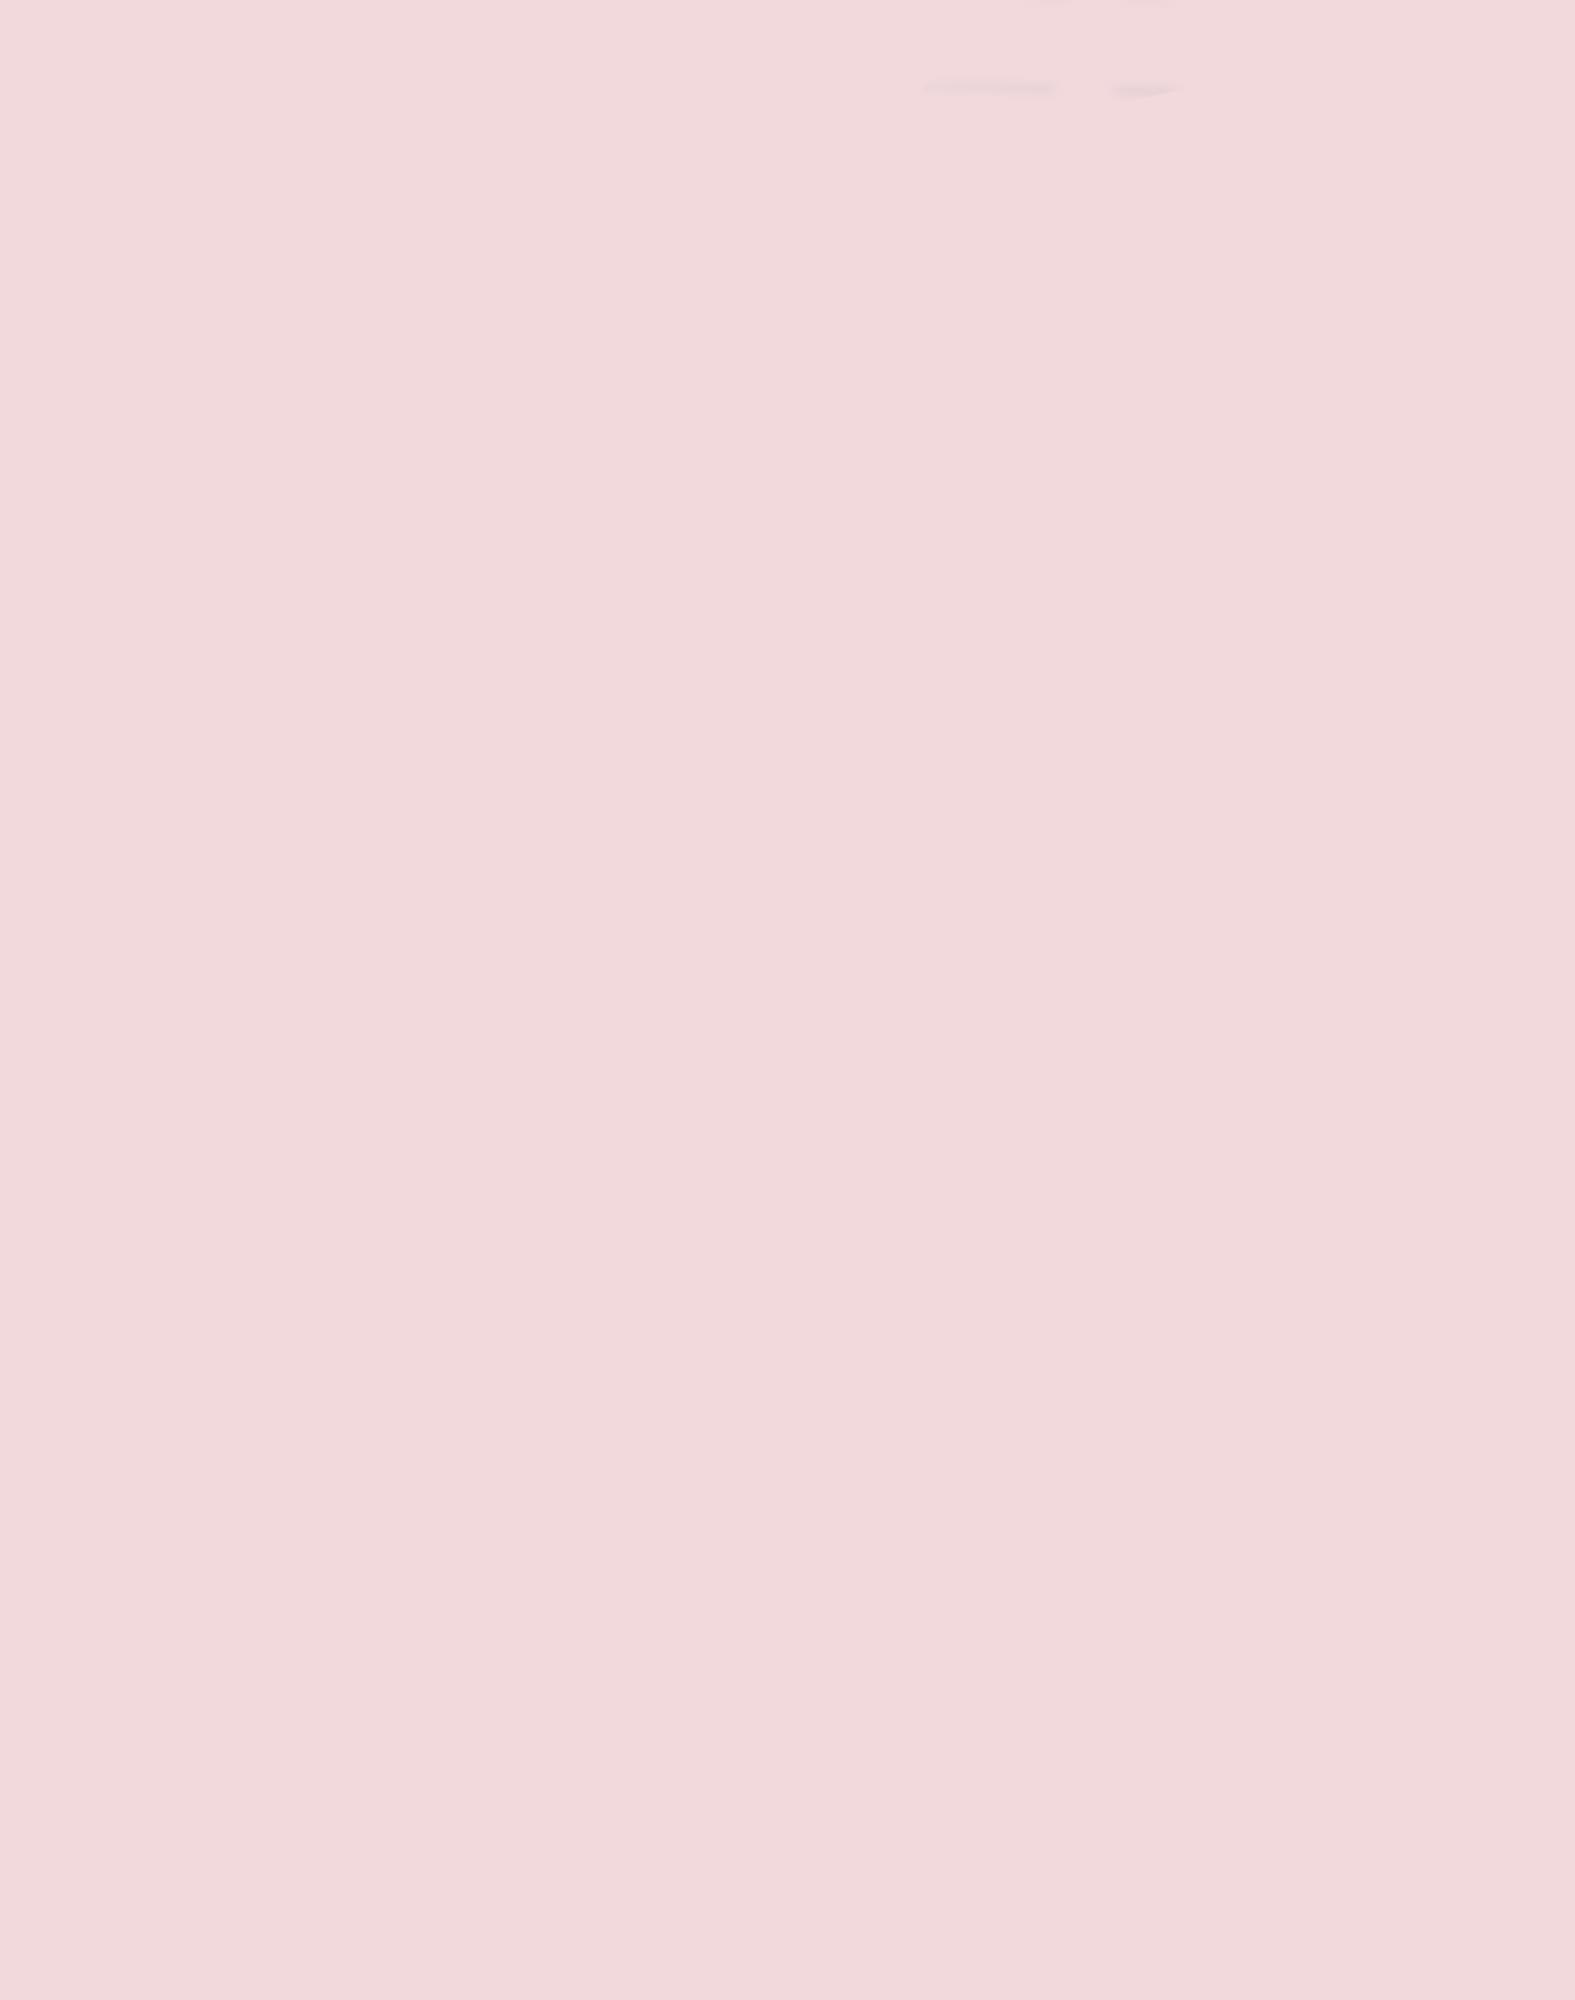 Rosebud 241,217,220